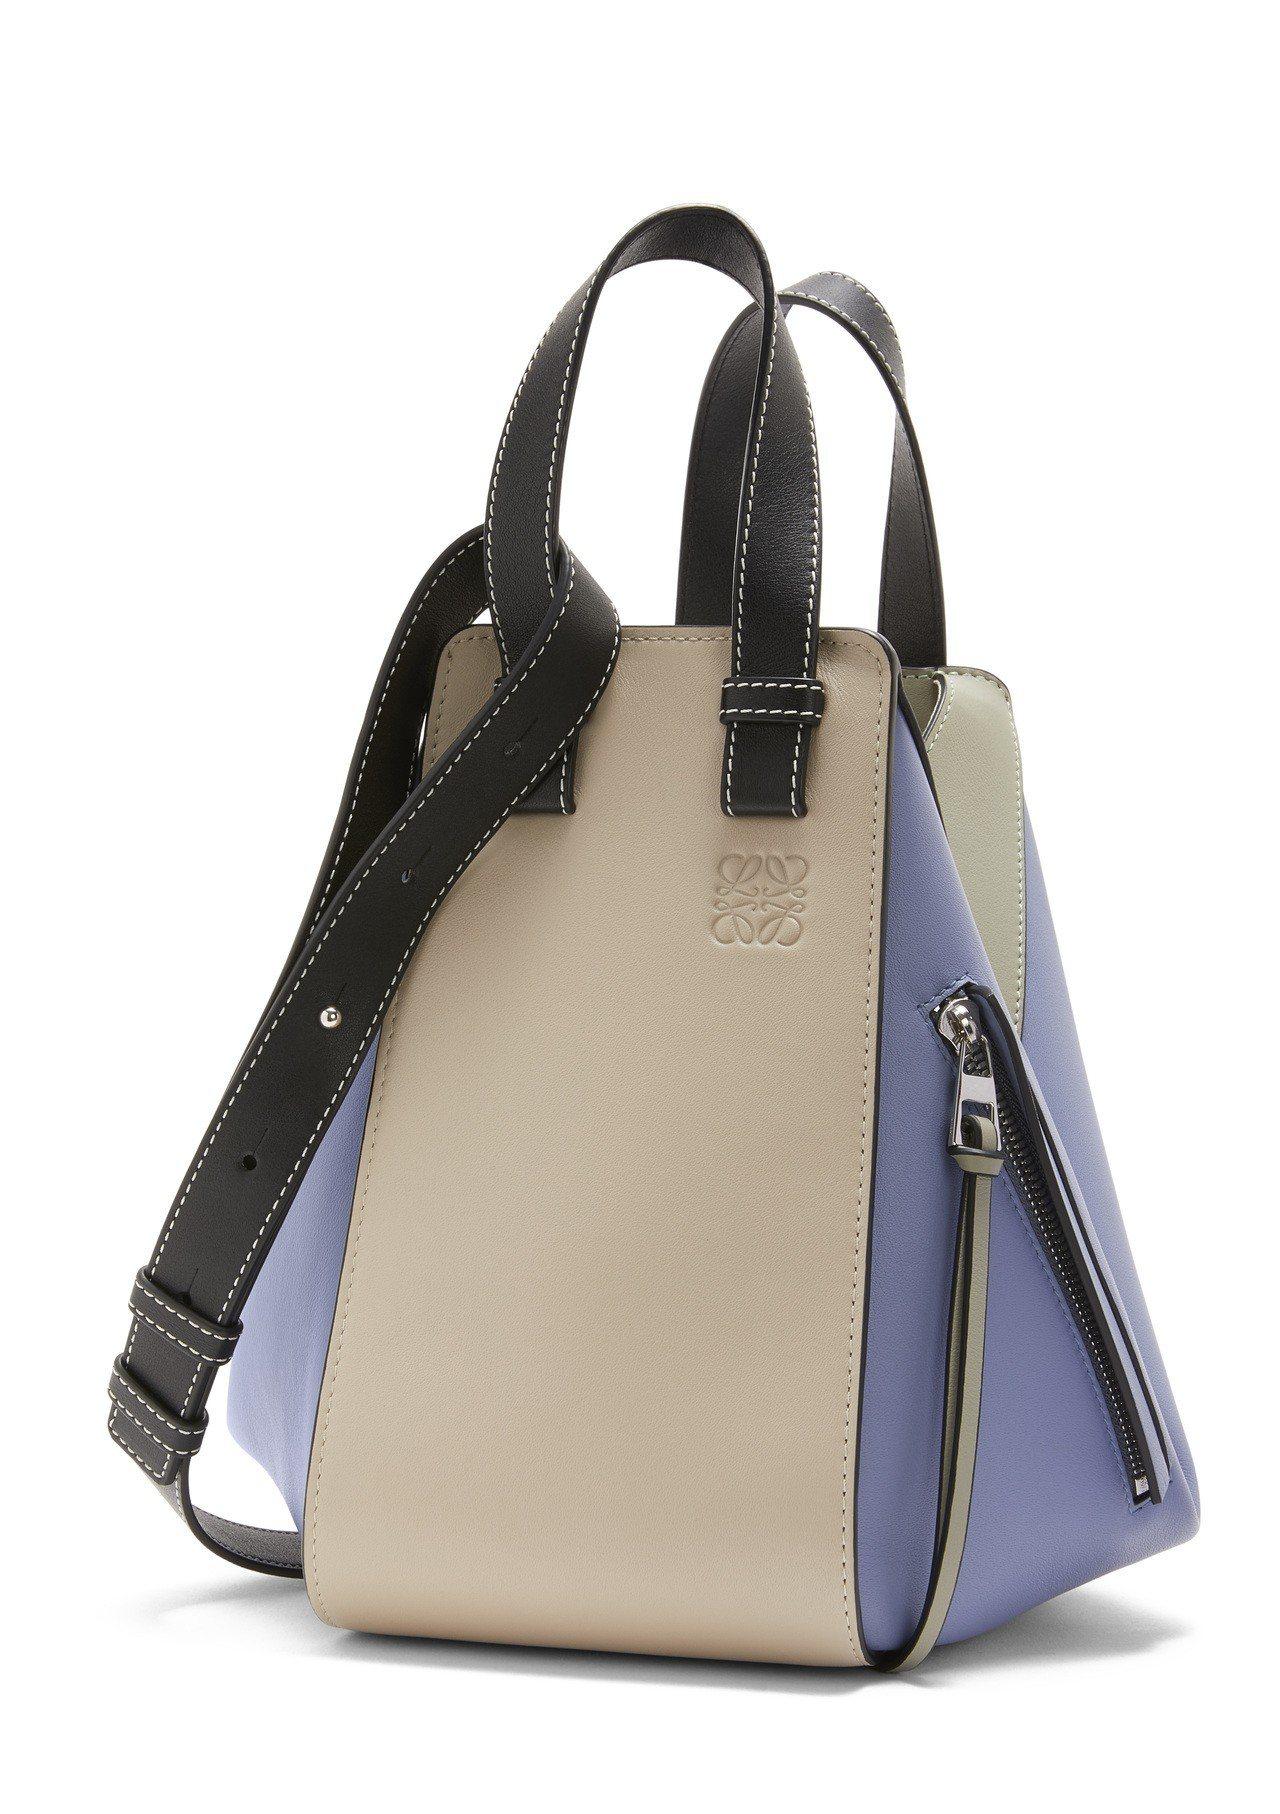 Hammock米藍拼色小牛皮肩背提包,售價86,000元。圖/LOEWE提供